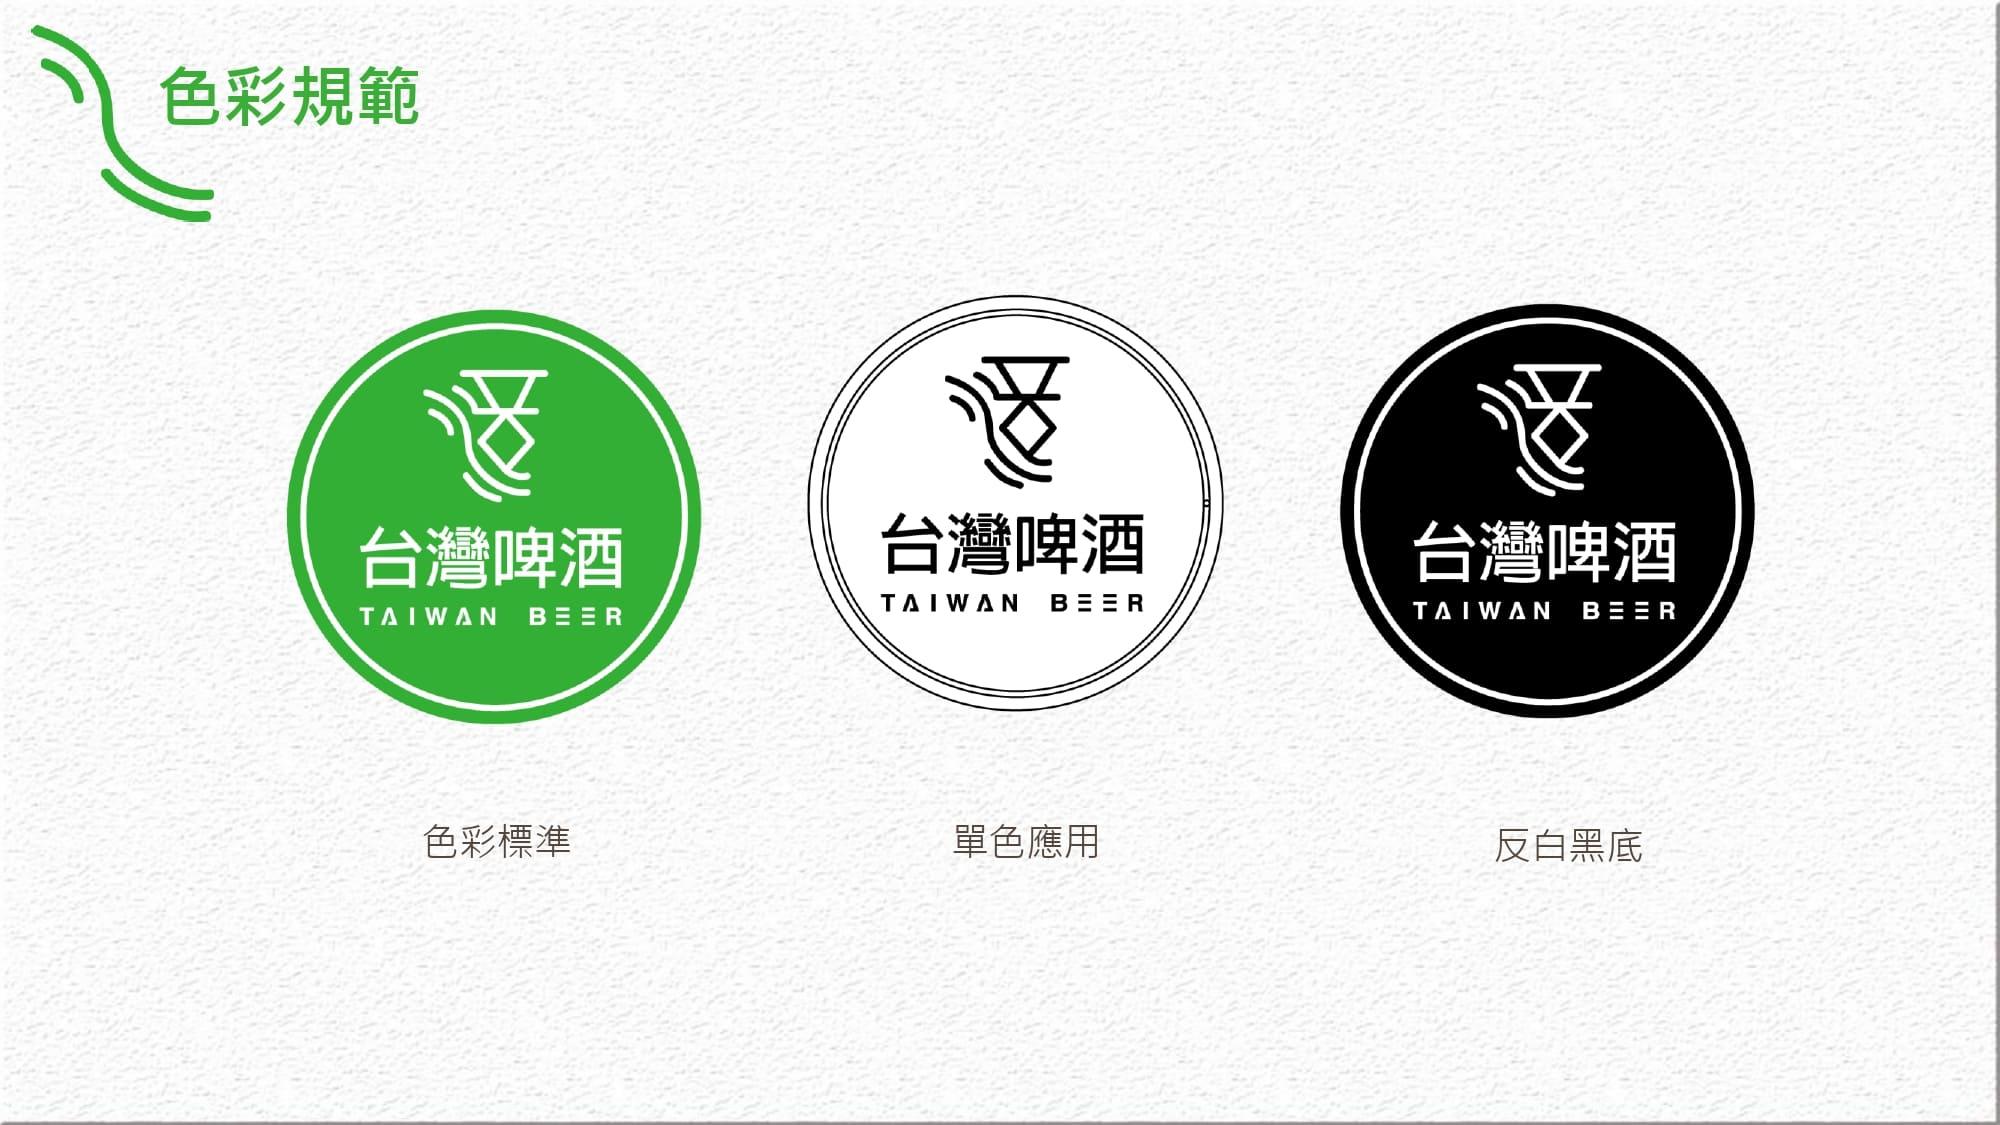 台灣啤酒108.4.23_page-0014